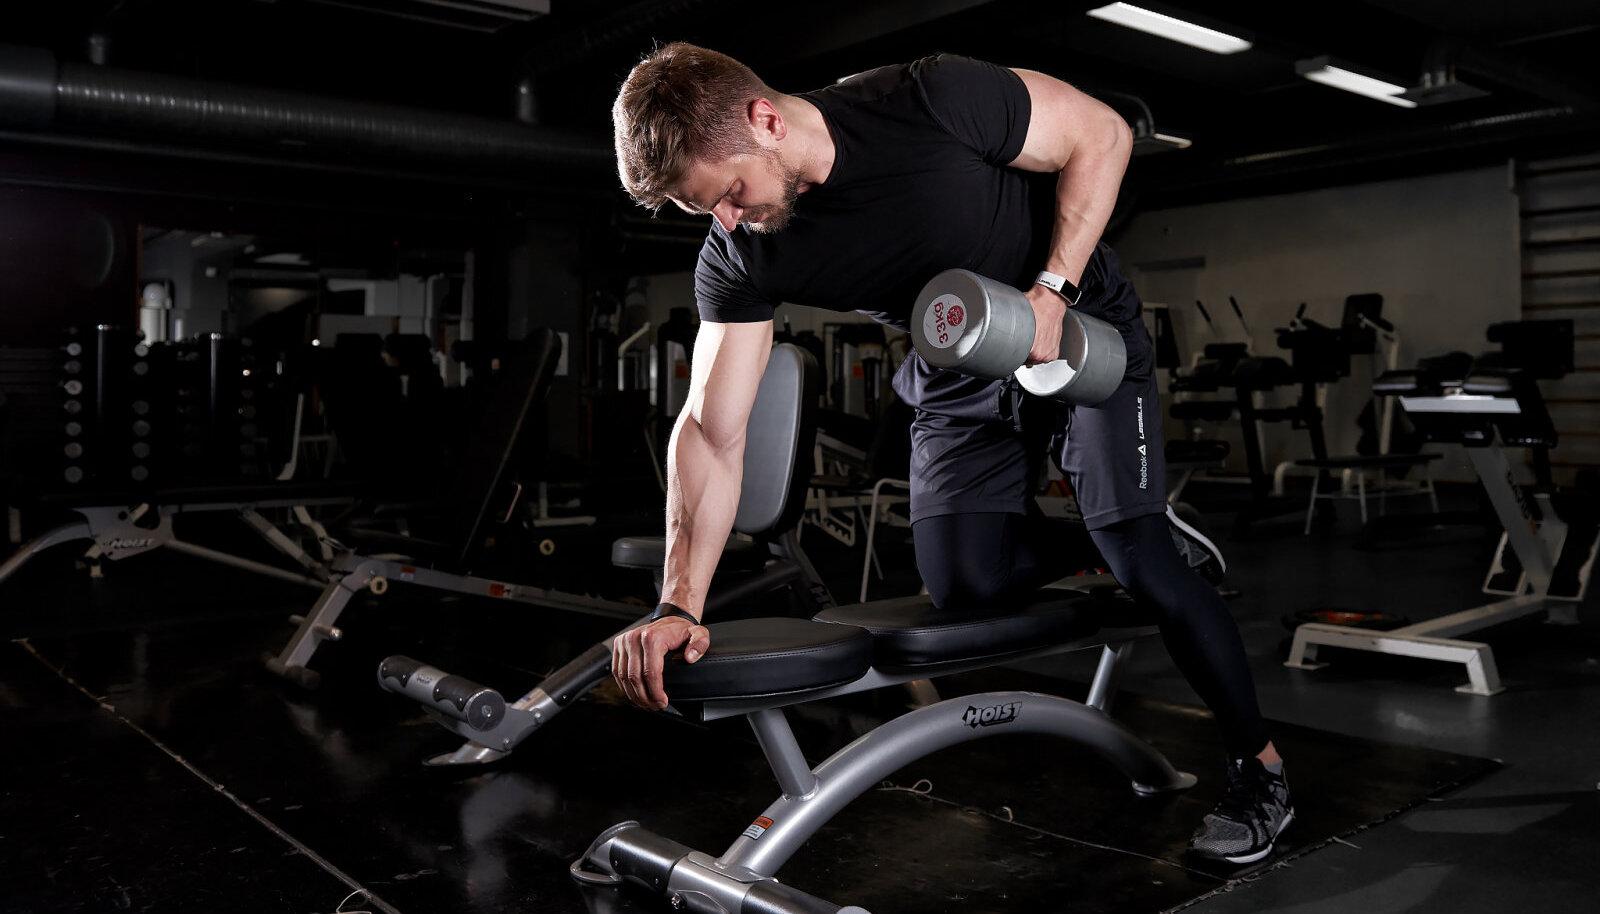 Miks keha poleb rasva ule lihase Uriini paastumise kaalulangus